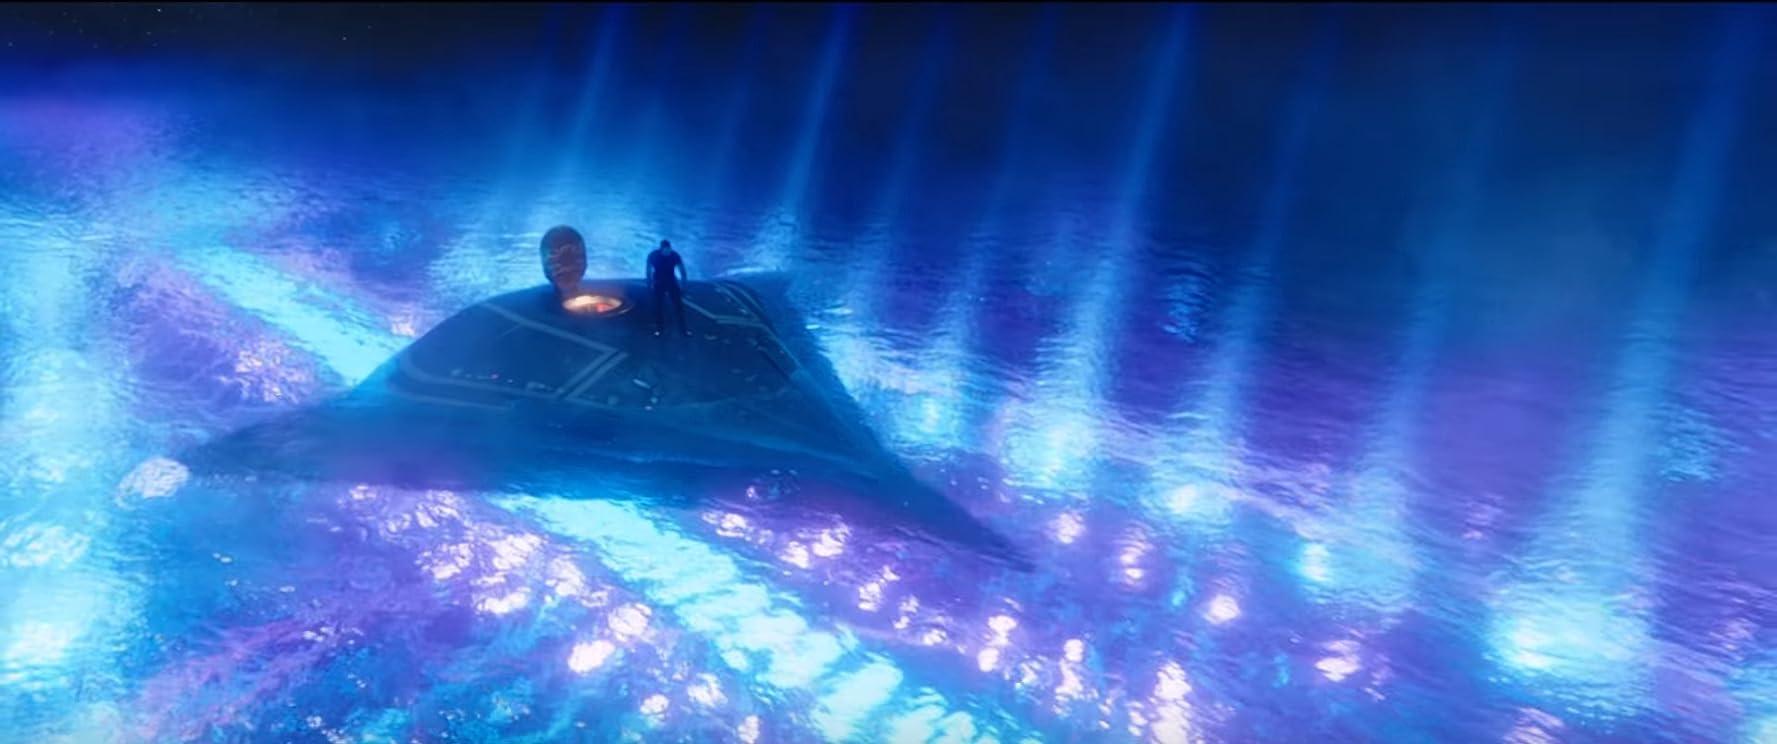 Yahya Abdul-Mateen II in Aquaman (2018)